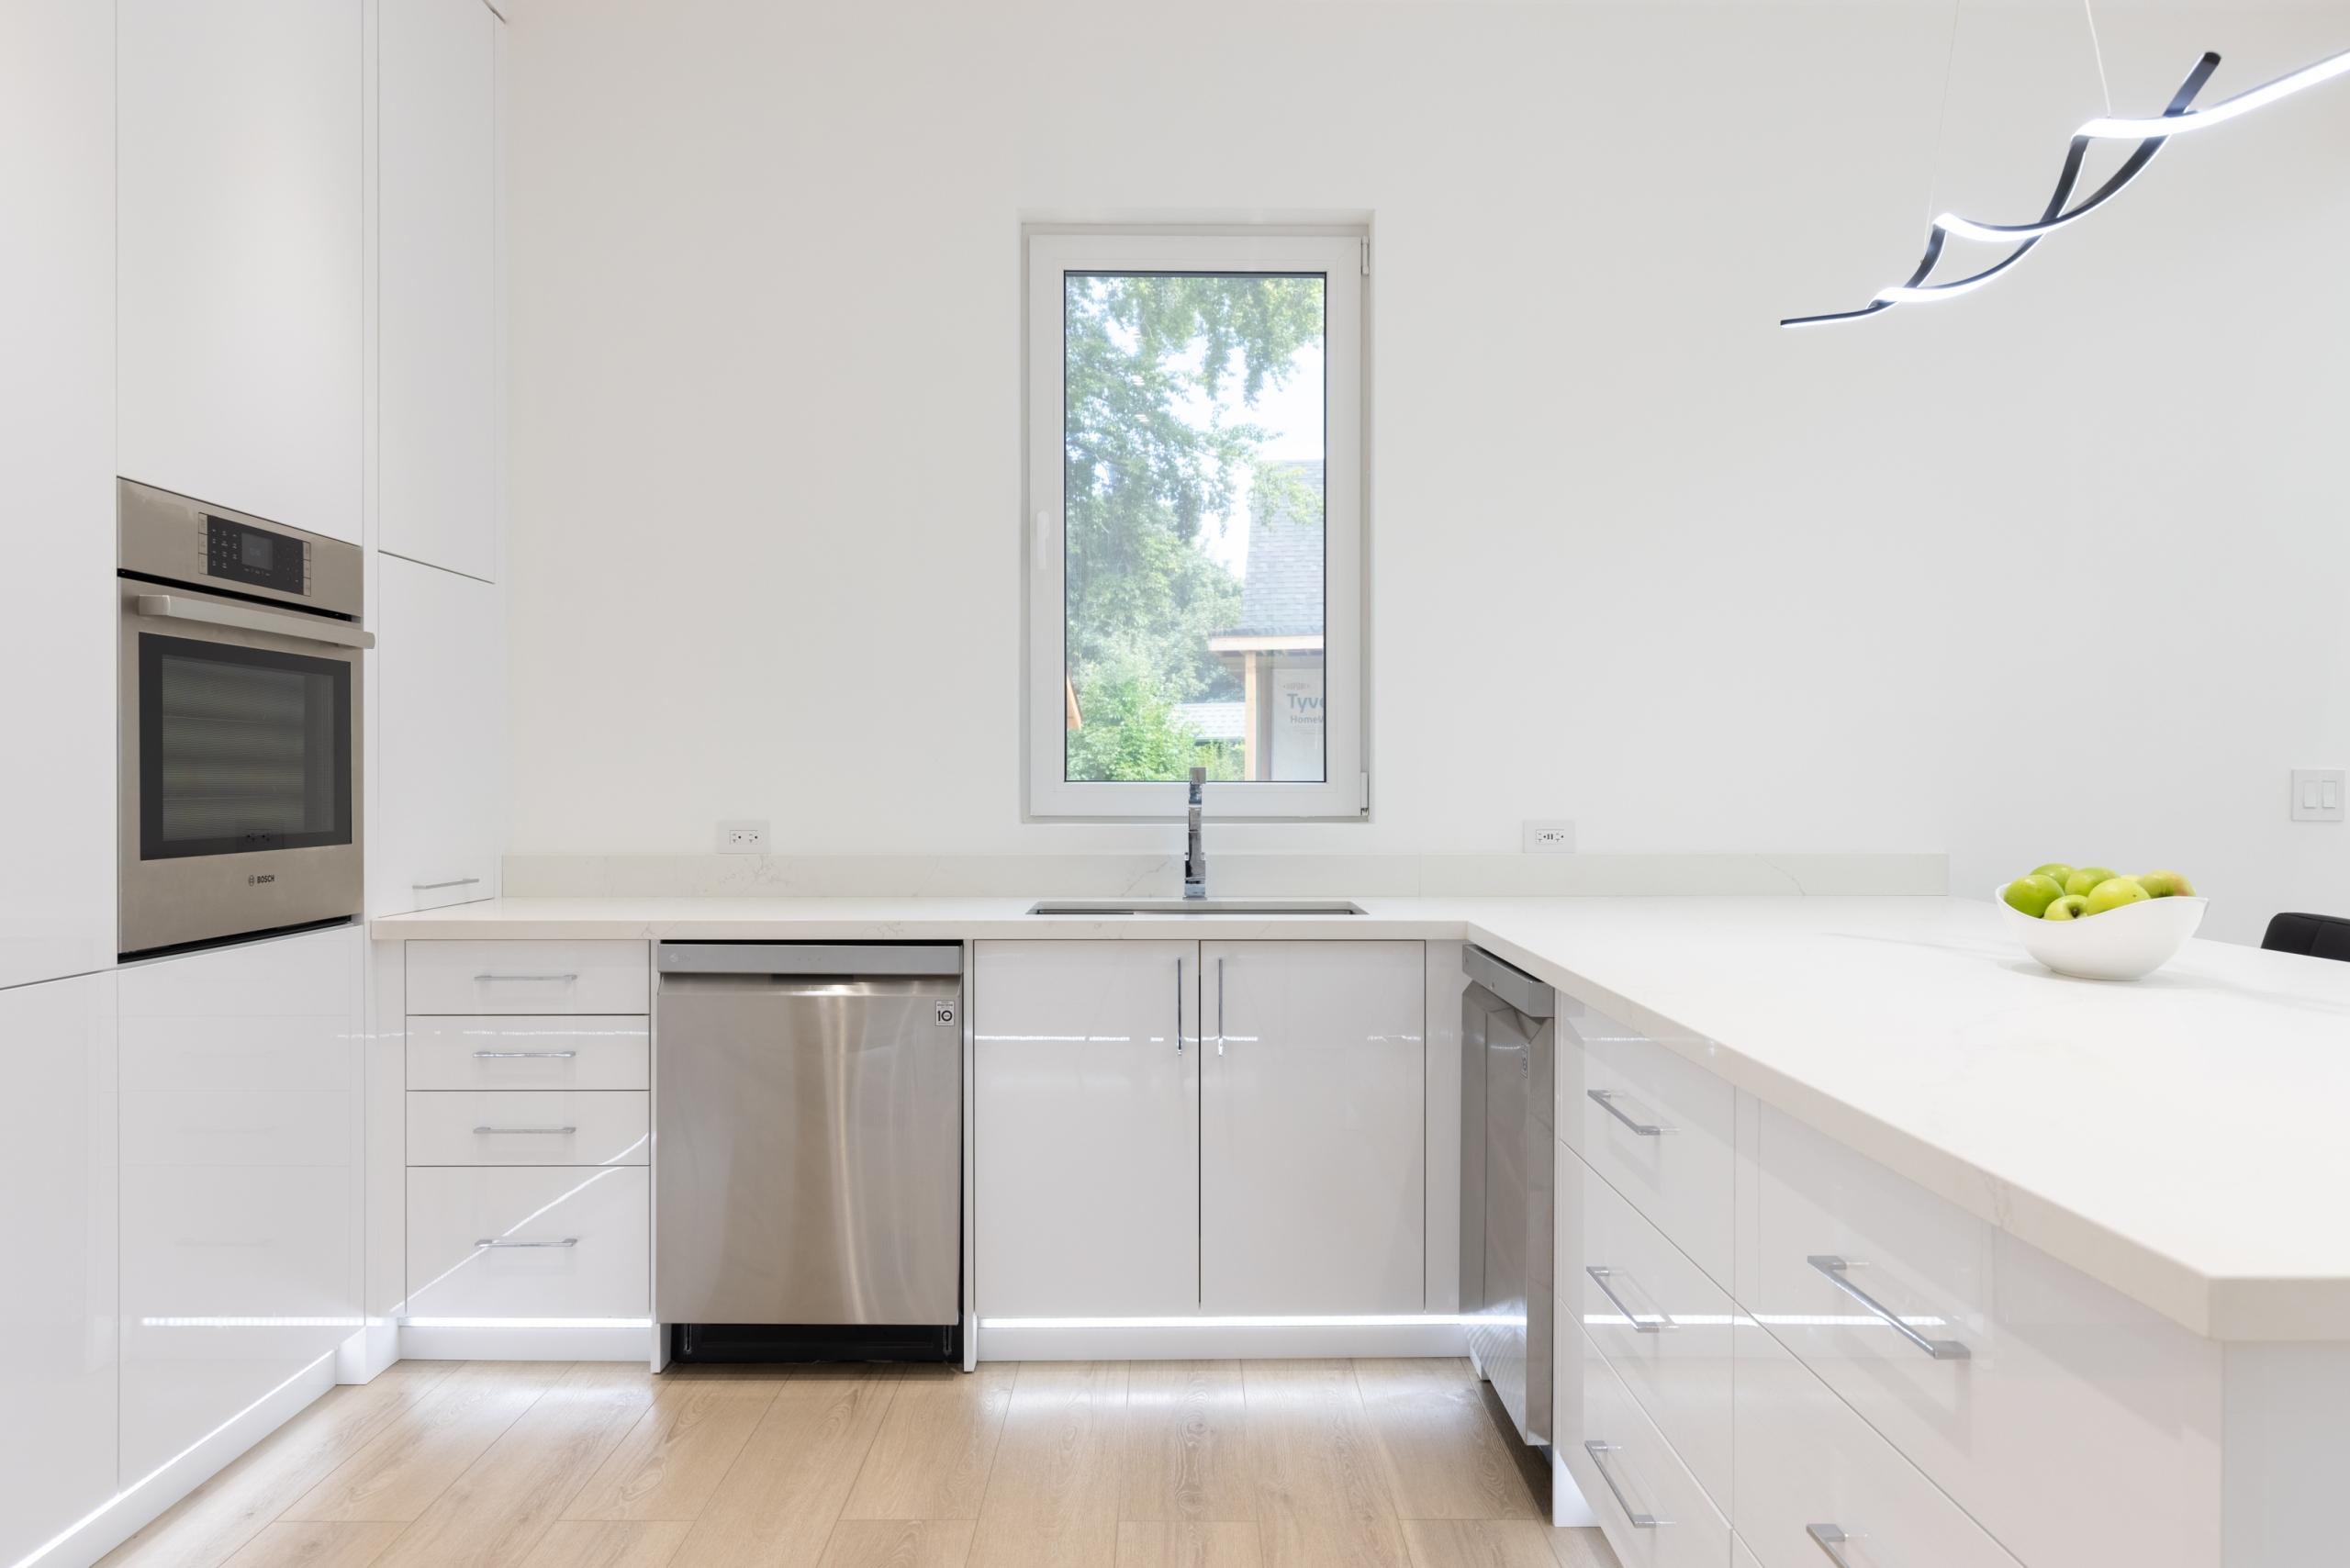 Kitchen featured at 287 Sabel Street, Oakville, ON at Alex Irish & Associates